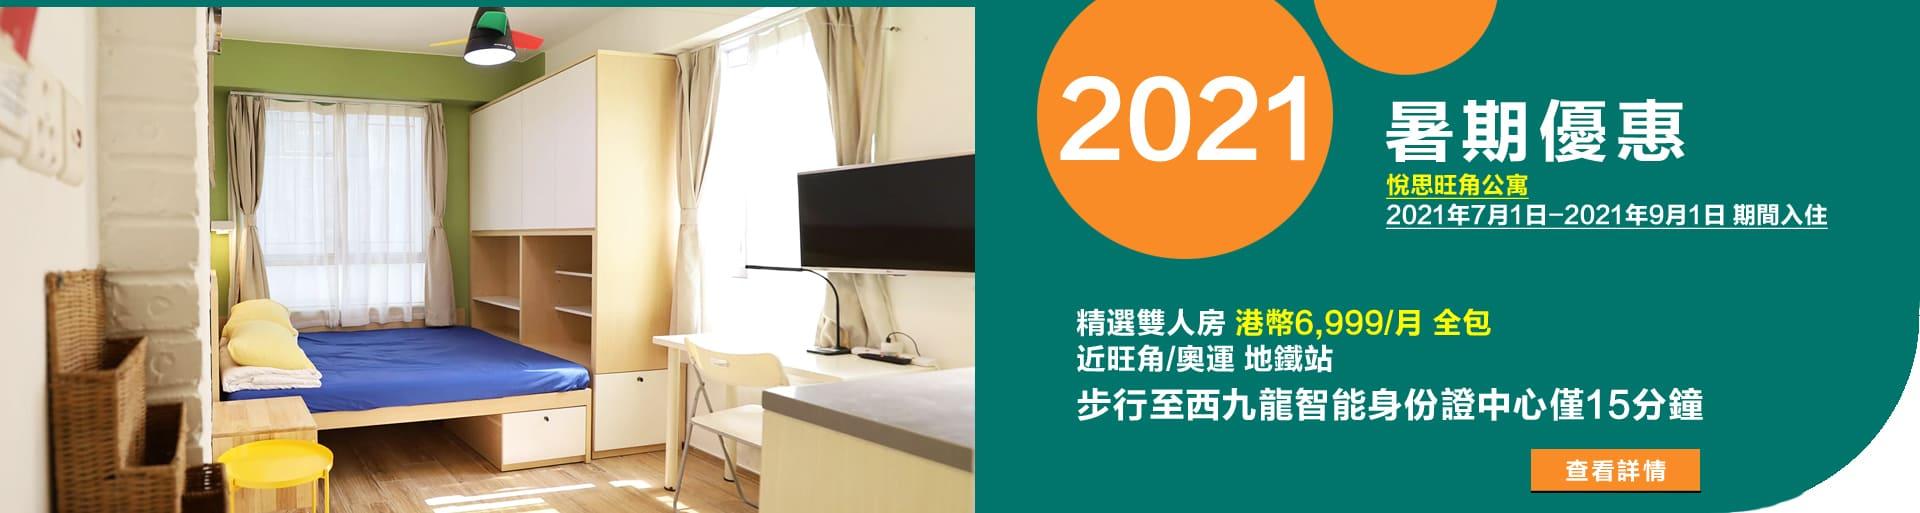 2021 Summer Offers-yesinspace Mong Kok